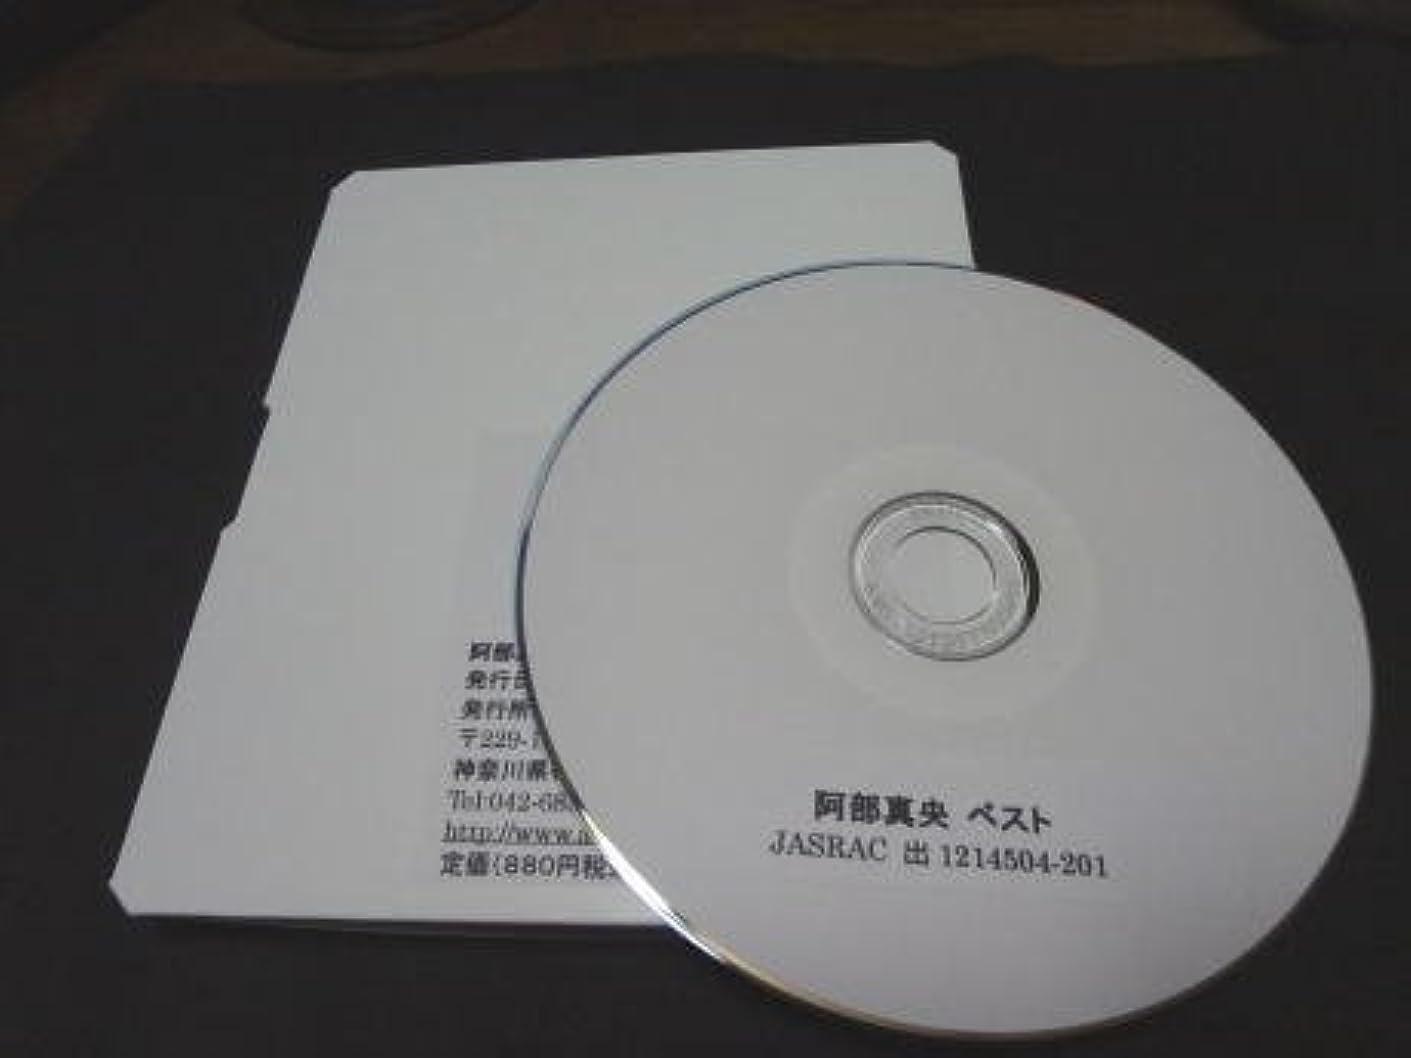 バリケード三角形予備ギターコード譜シリーズ(CD-R版)/阿部真央 ベスト(全49曲収録)